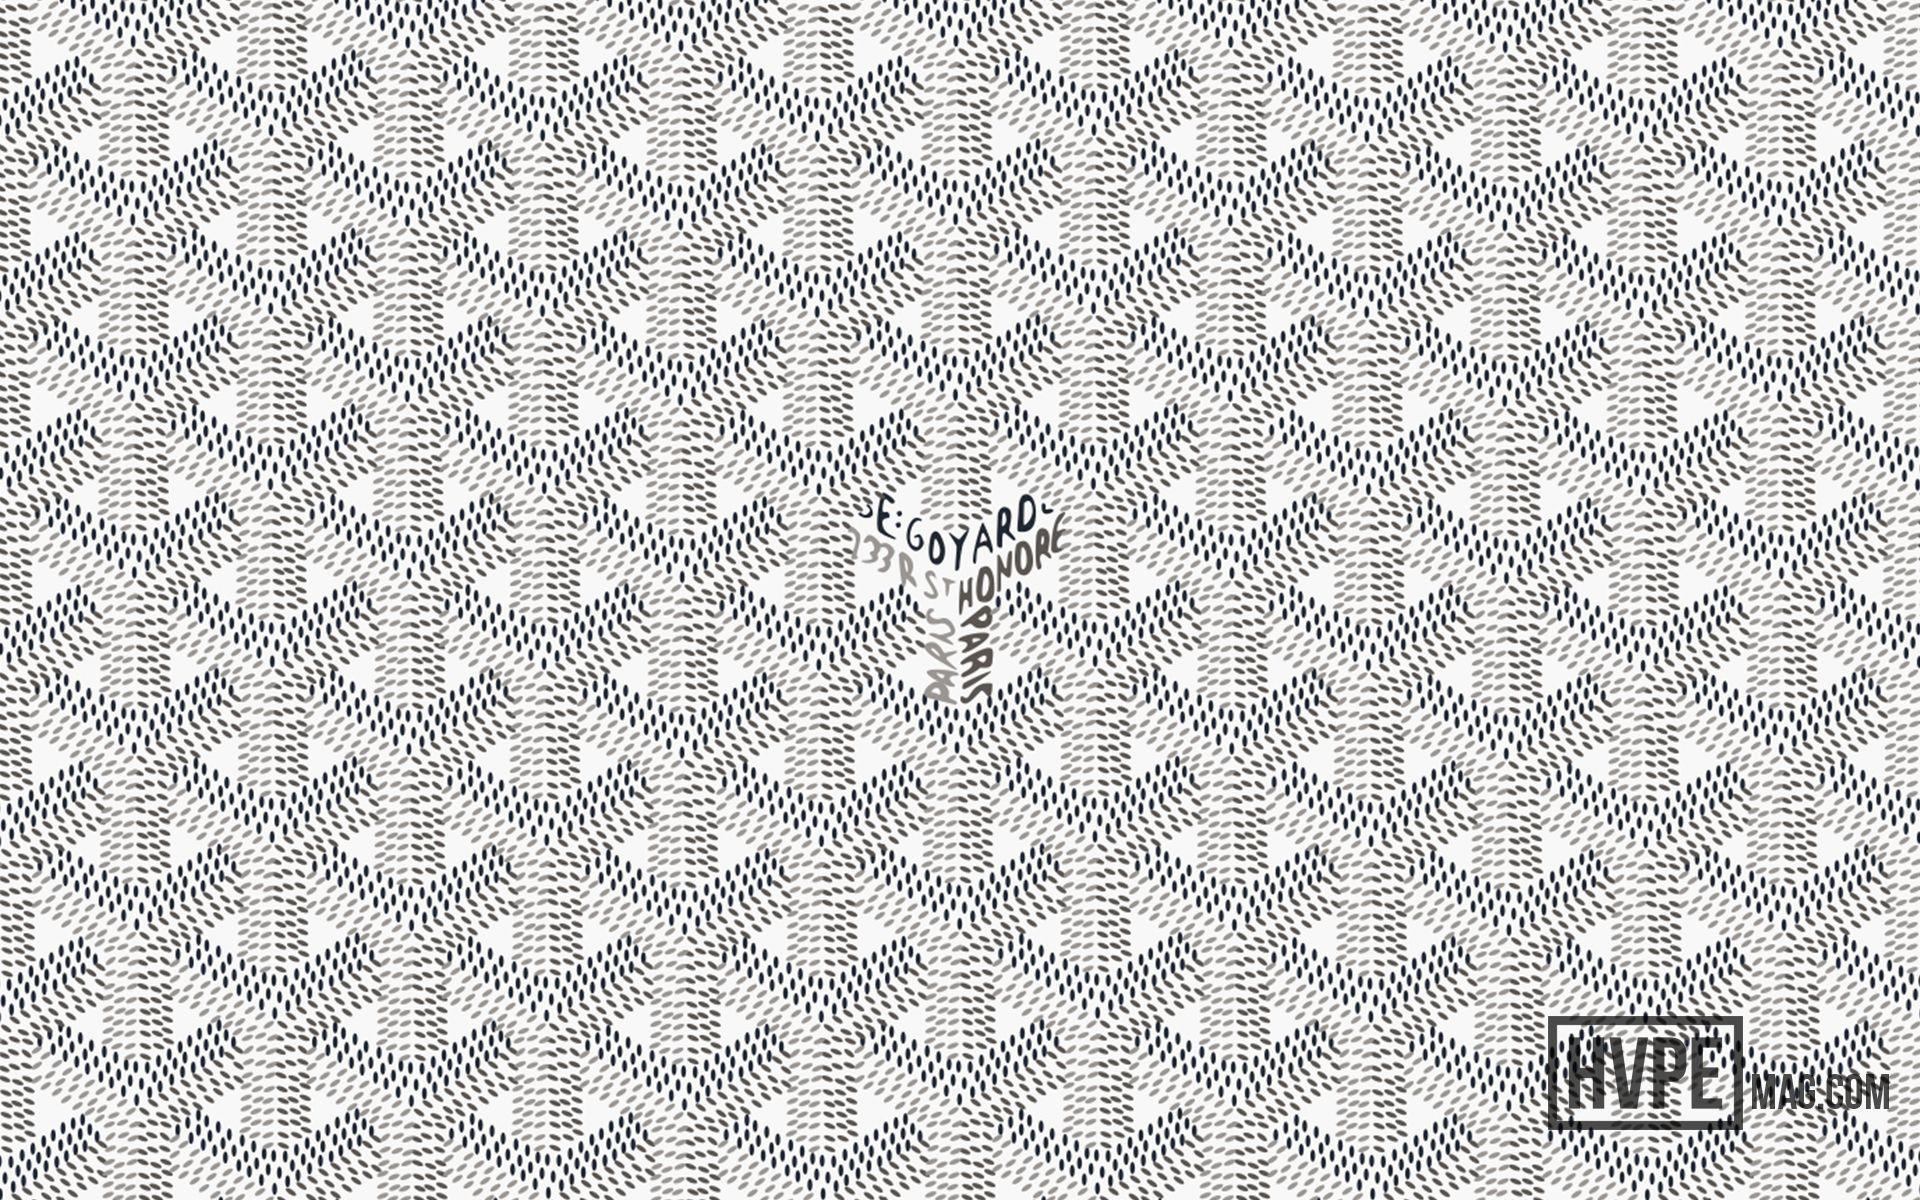 goyard-2 | HVPE